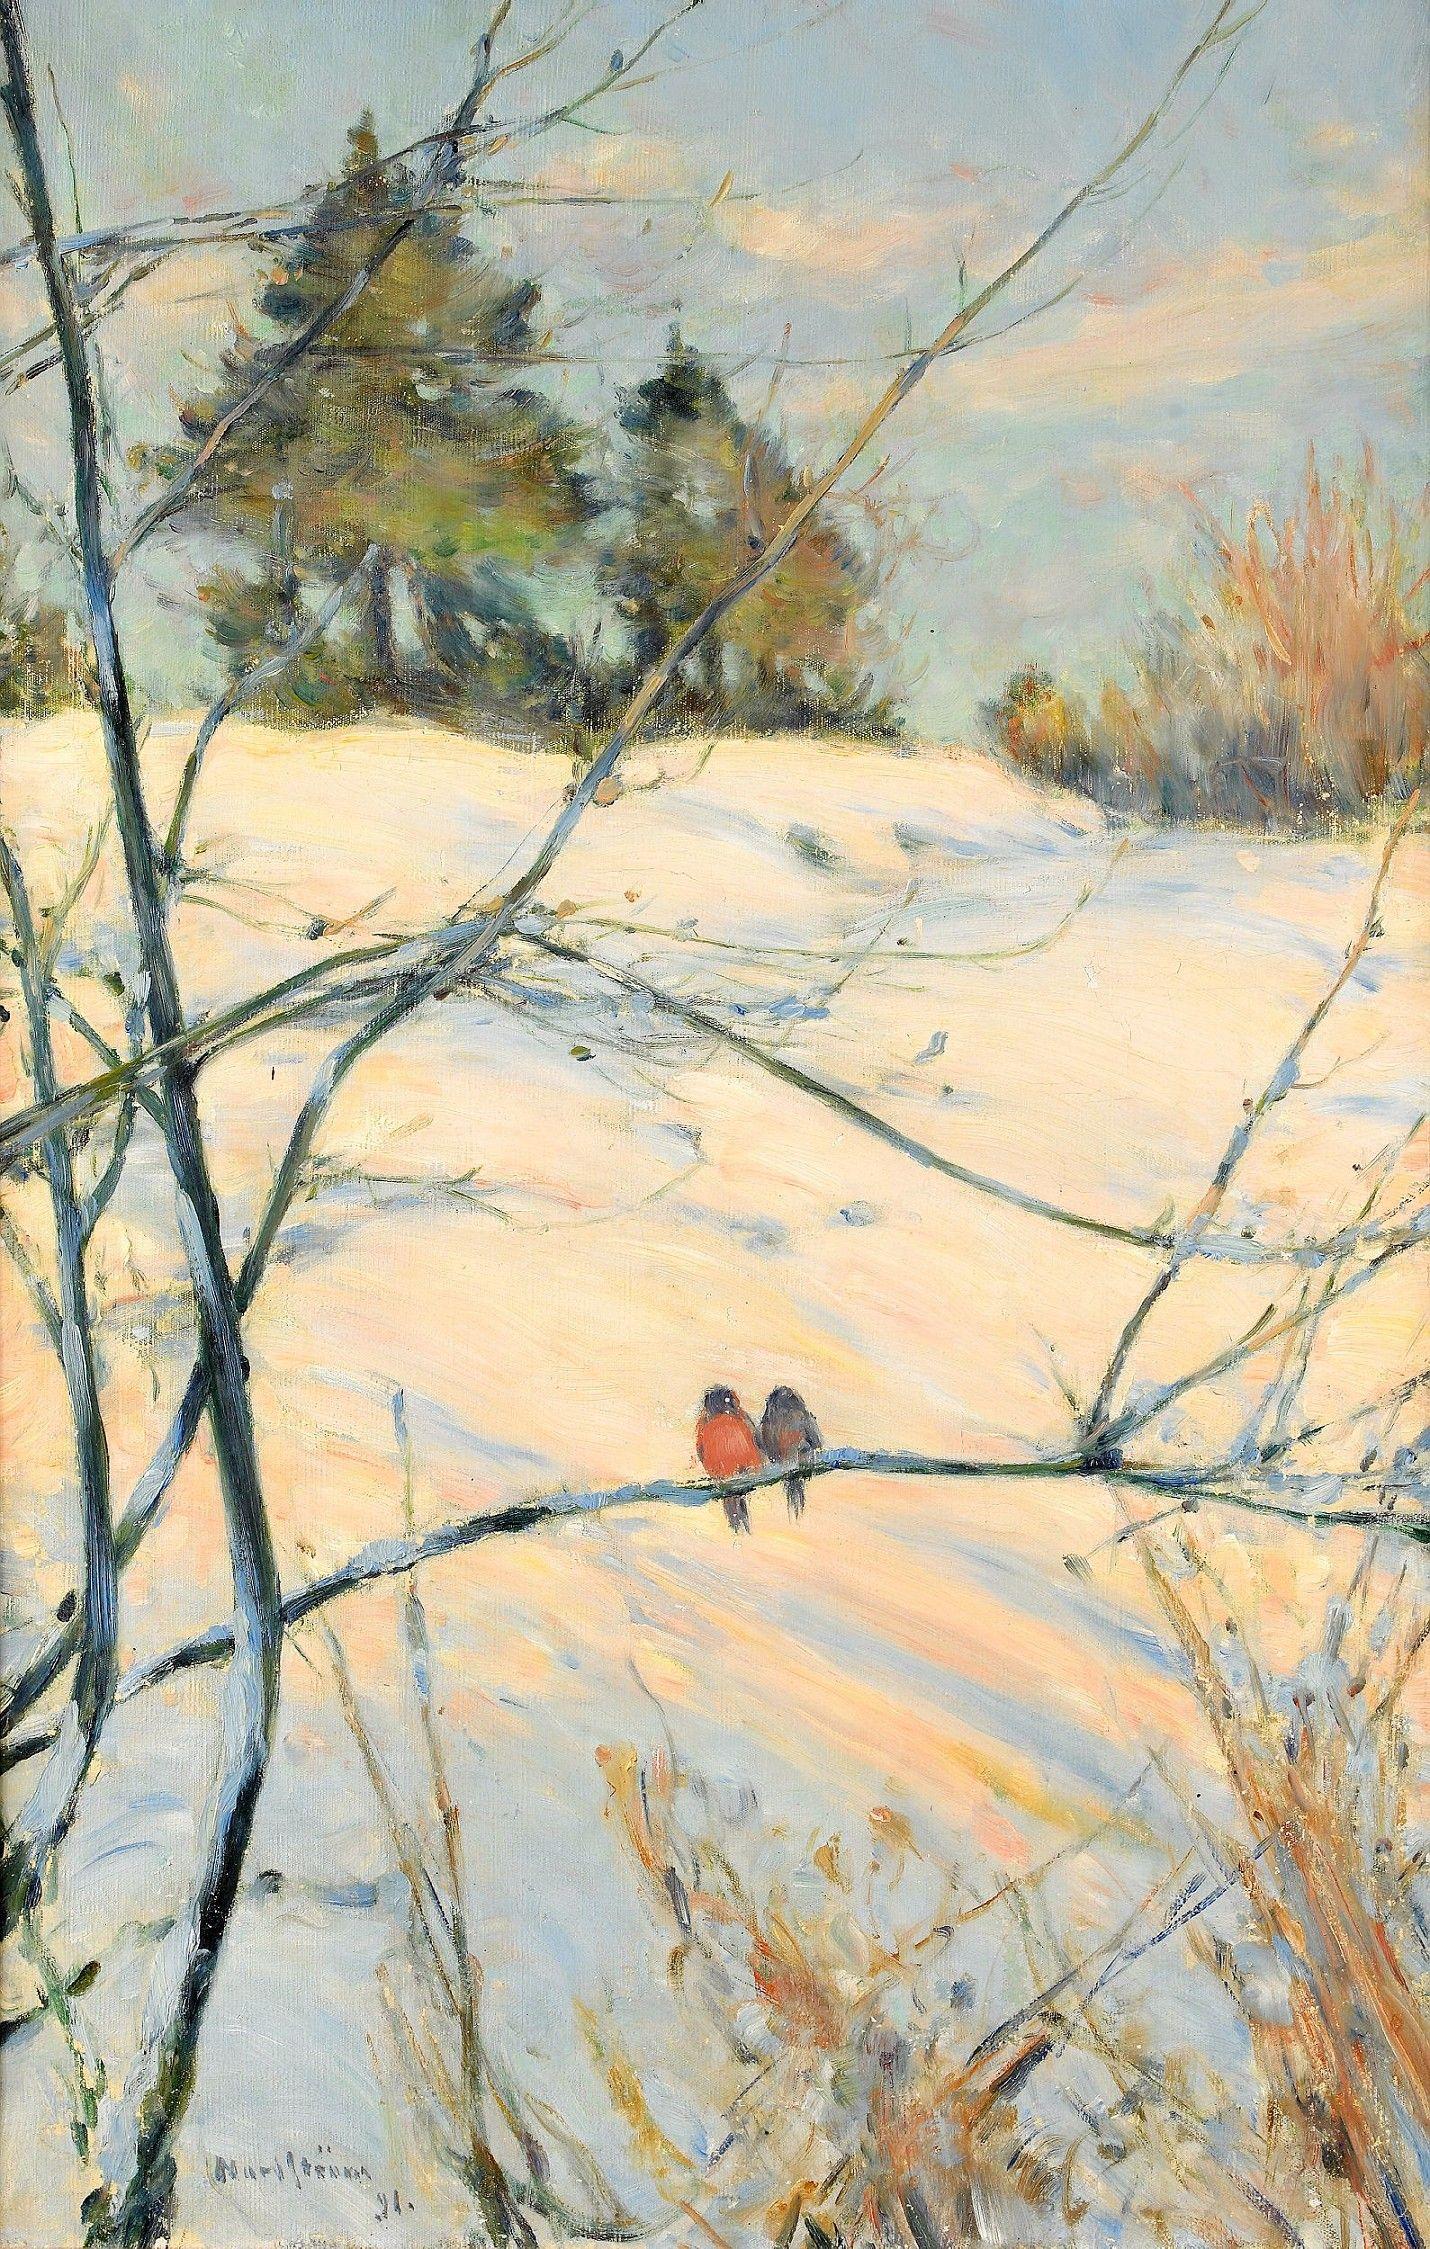 Karl_Nordström-Vinterbild_från_Skansen.jpg 1,430×2,249 pixels